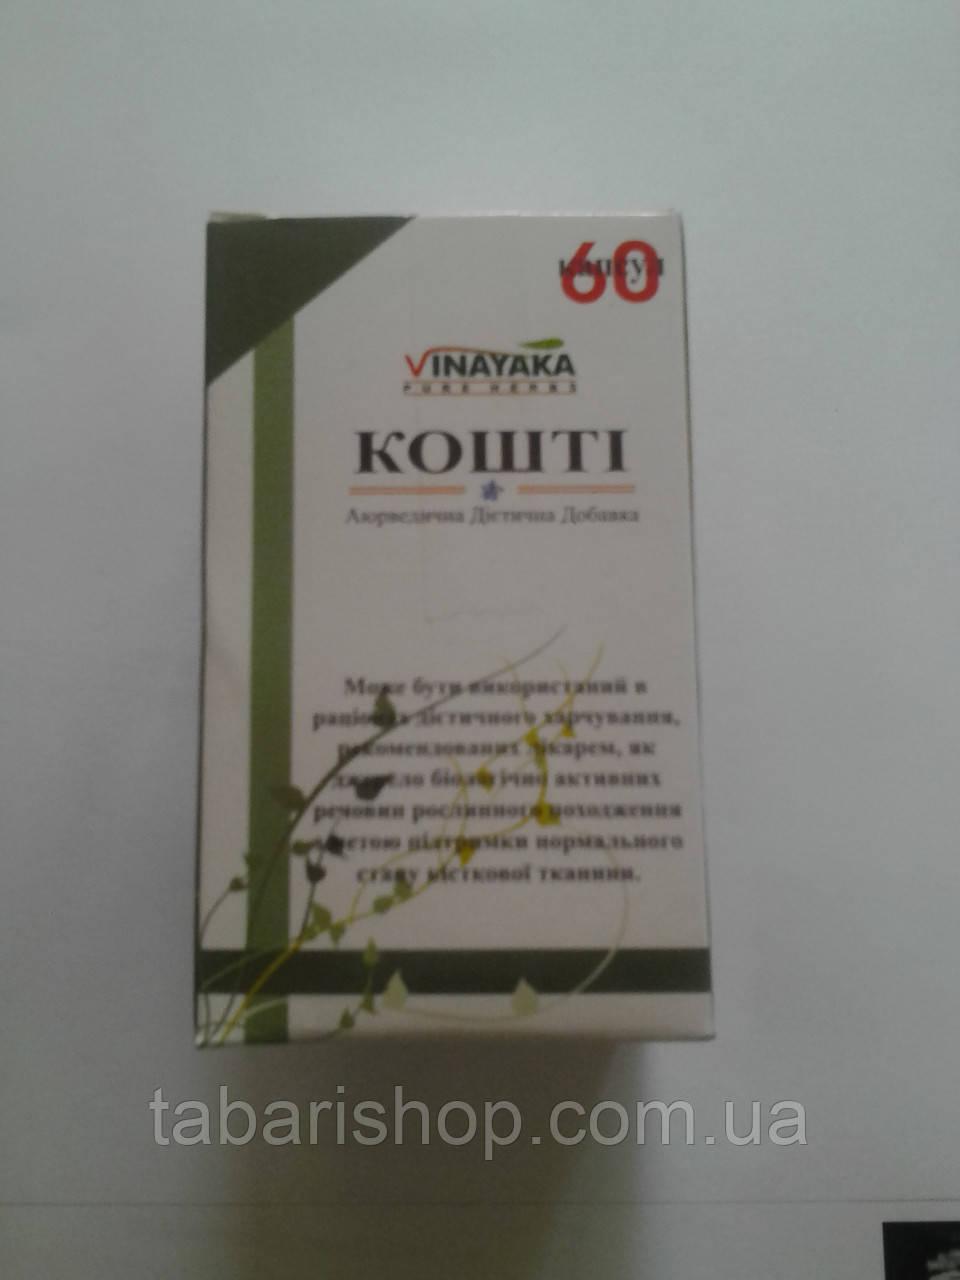 Кальций, Кошти, Кoshti - кальций в капсулах, № 60